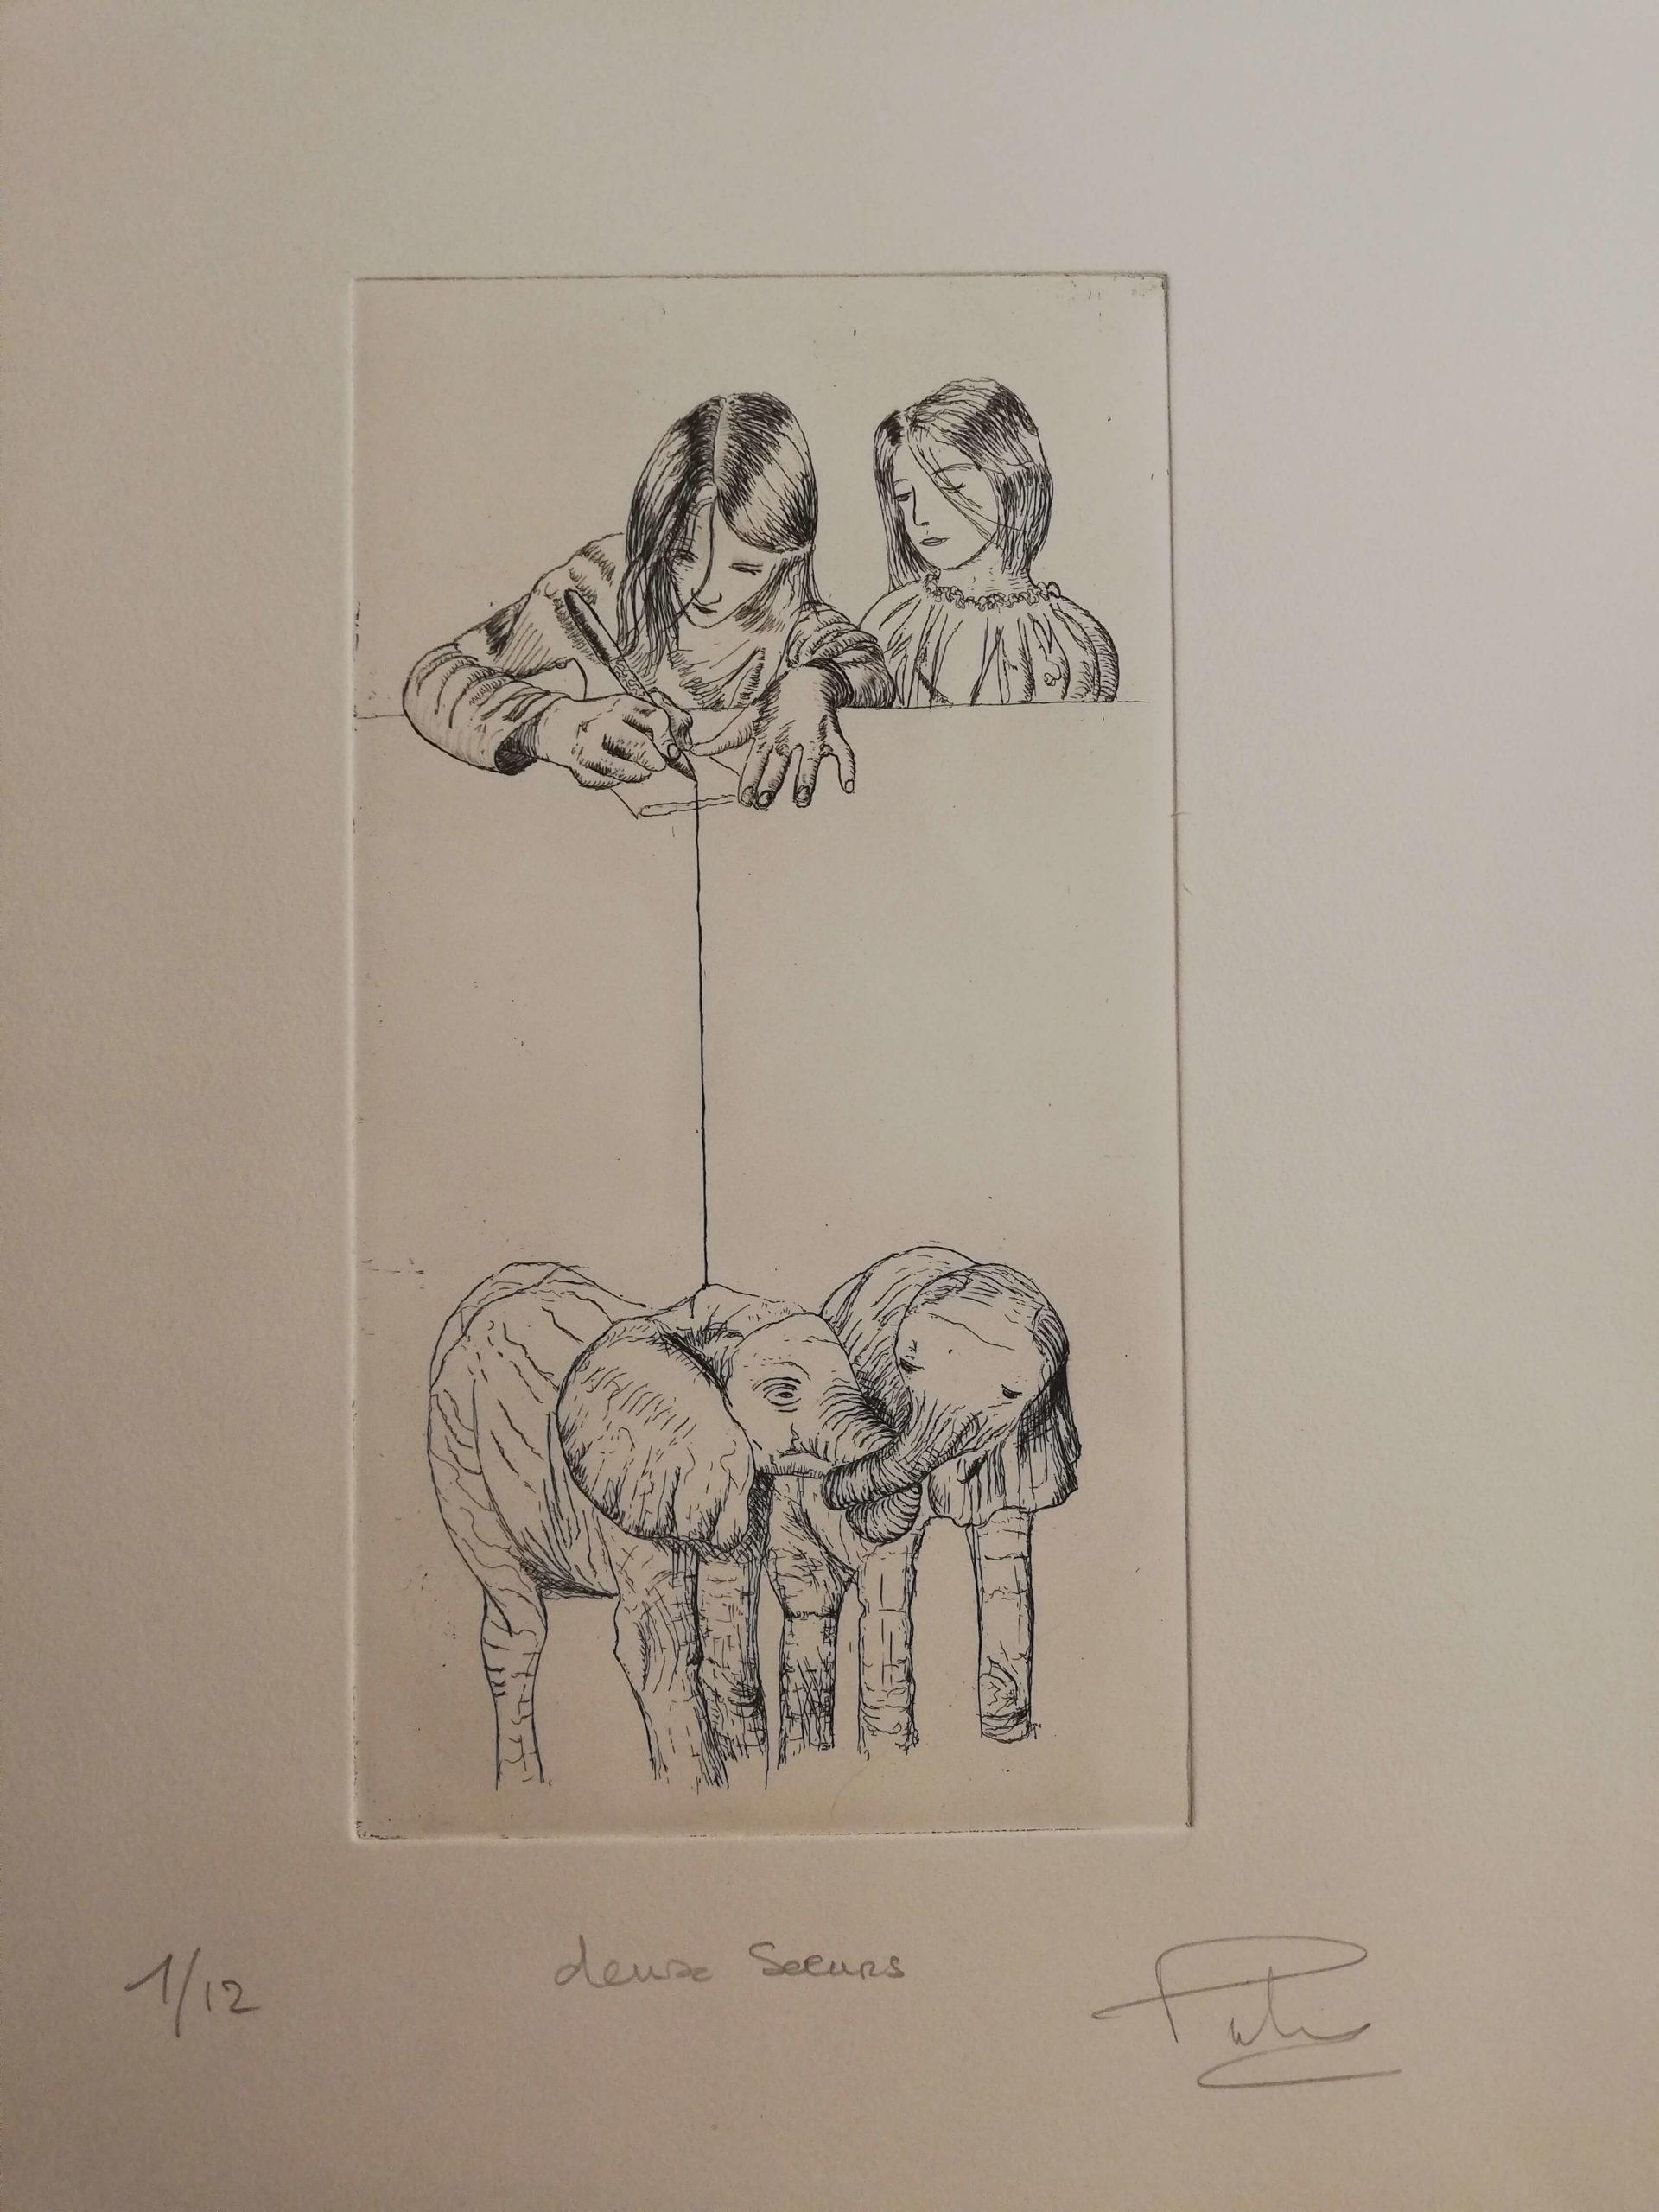 Deux soeurs engrave by Michel Puharré 2014